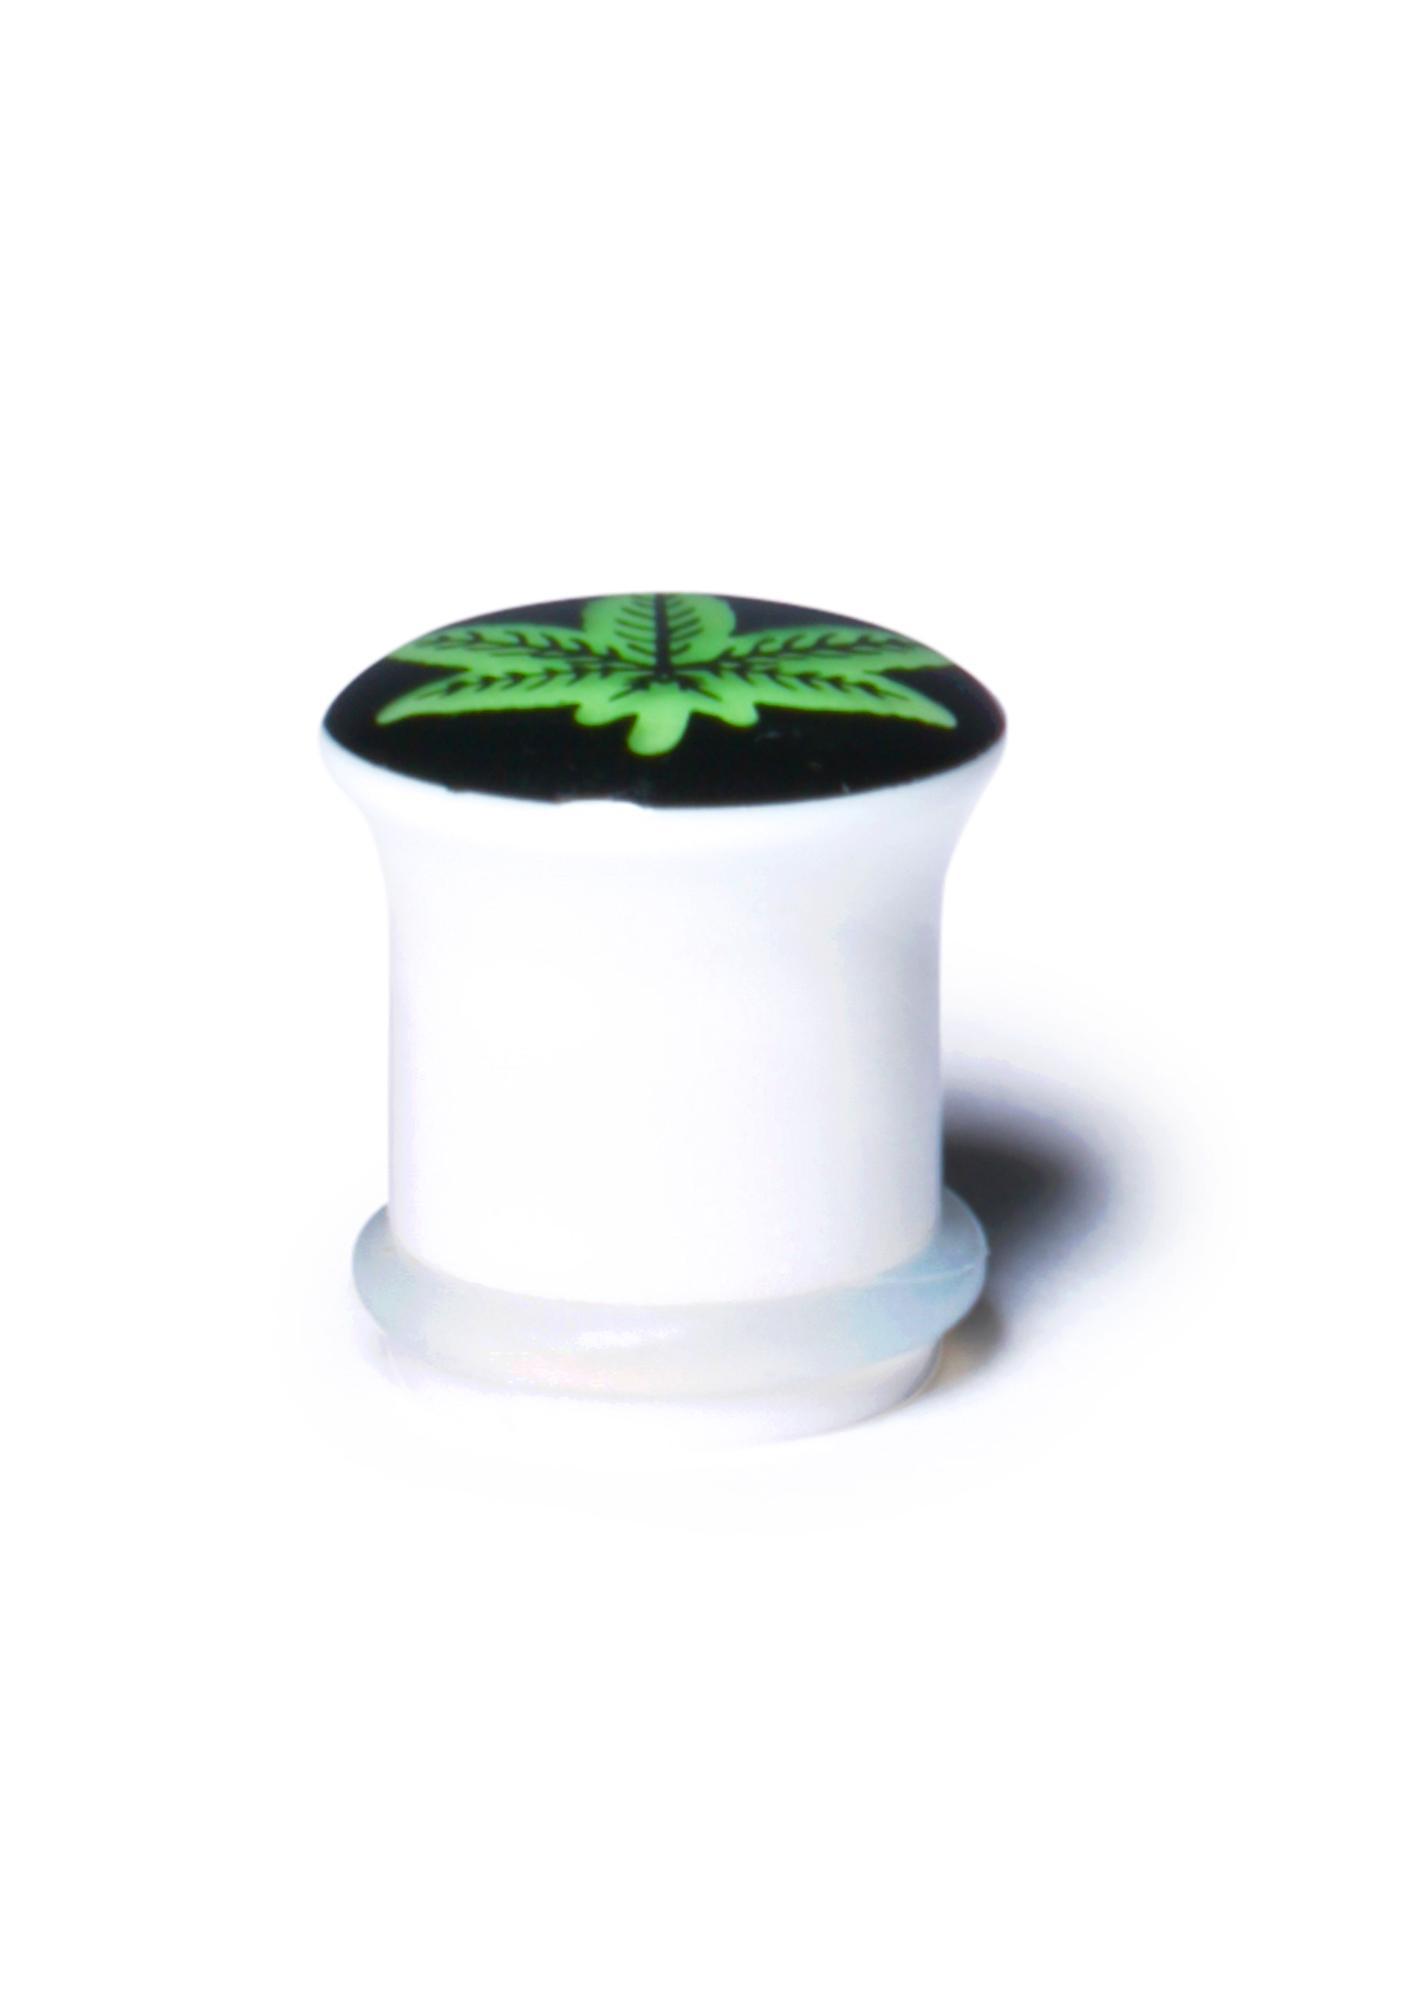 Weed Gauged Plugs